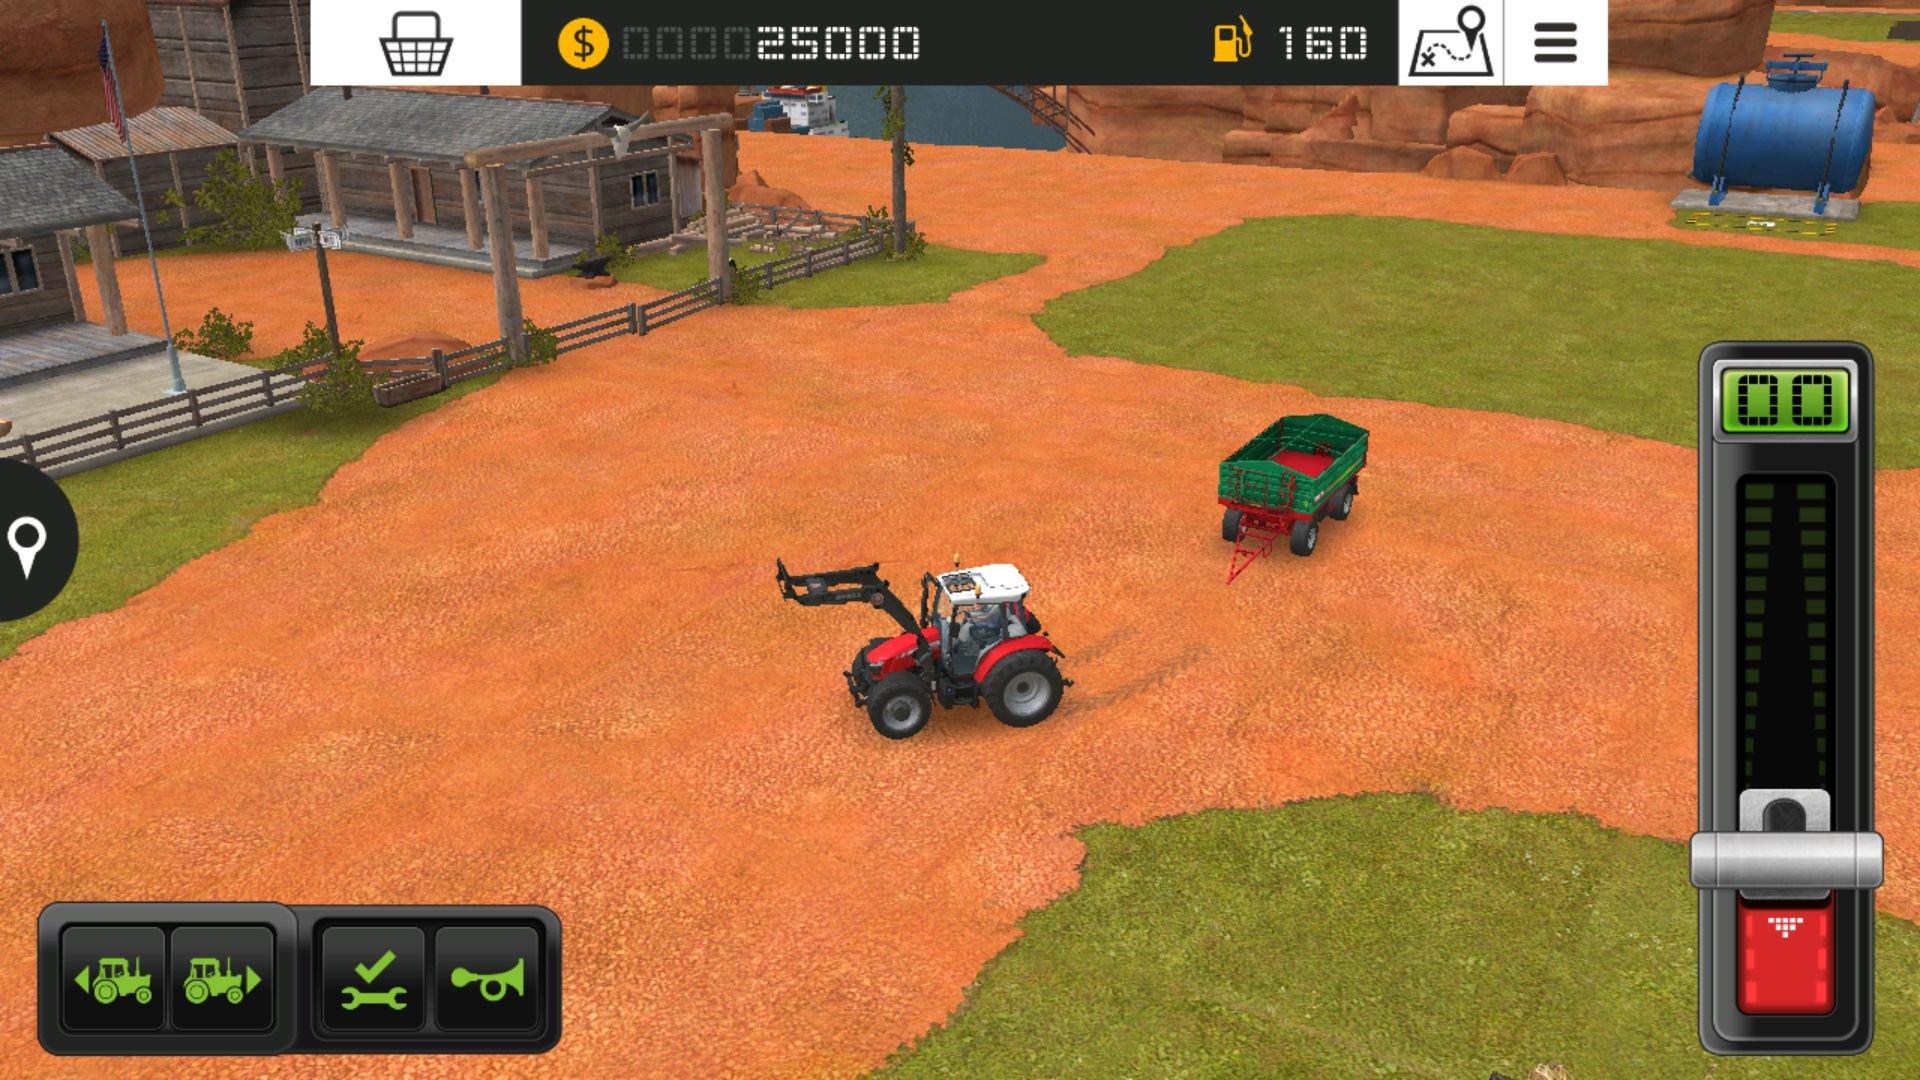 FARMING SIMULATOR 2015 ВСТРОЕННЫЙ КЕШ В ИГРУ ВЗЛОМ СКАЧАТЬ БЕСПЛАТНО